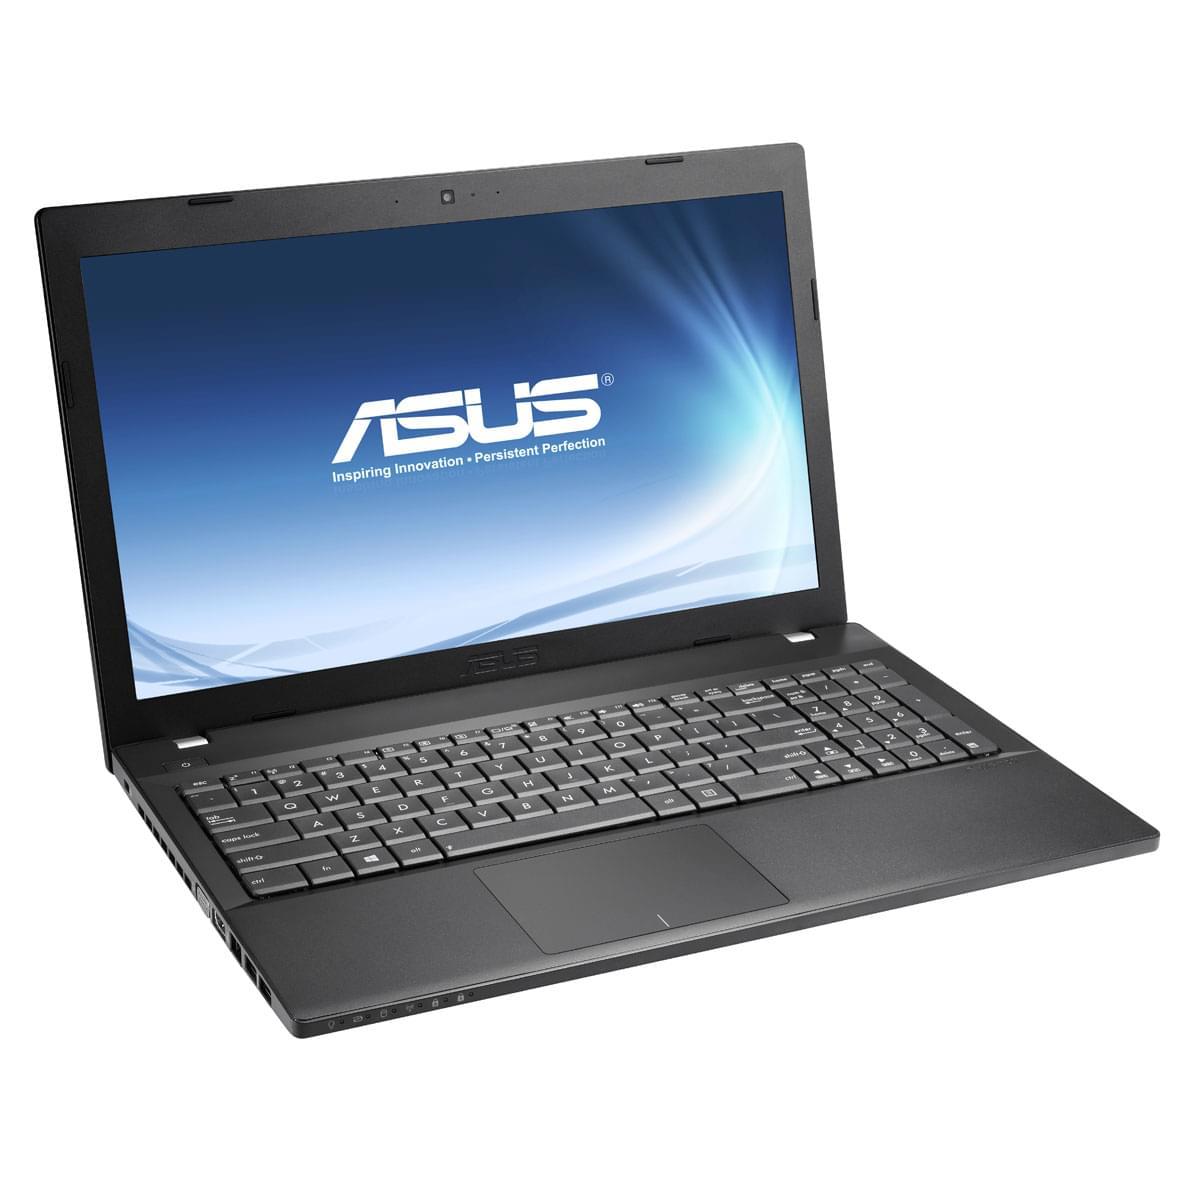 Asus P55VA-SO024G - PC portable Asus - Cybertek.fr - 0